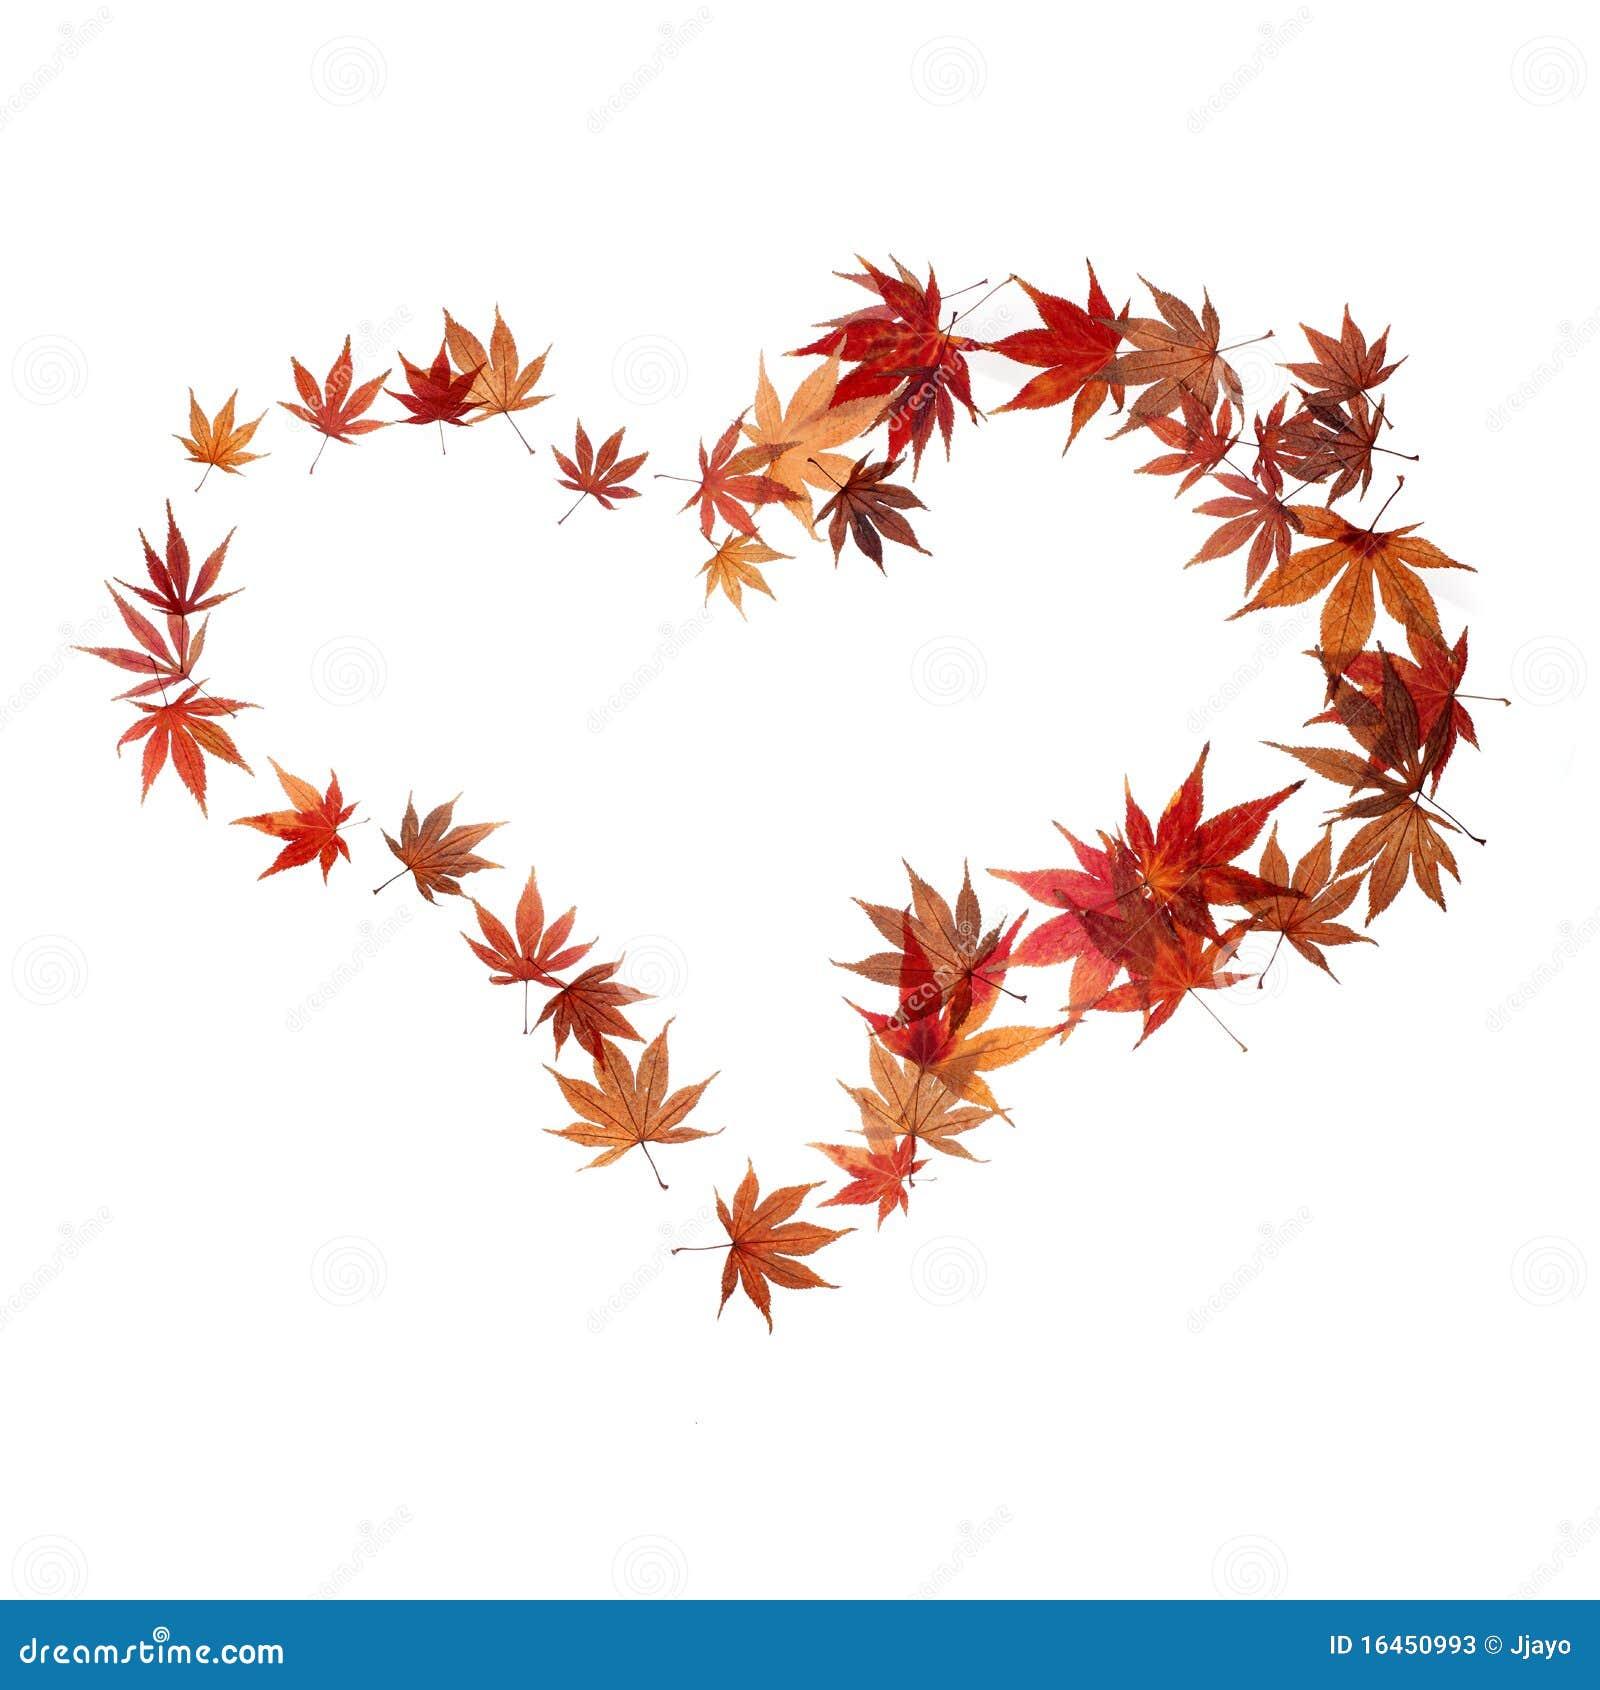 De vorm van het hart die door de bladeren van de for Door het hart van china